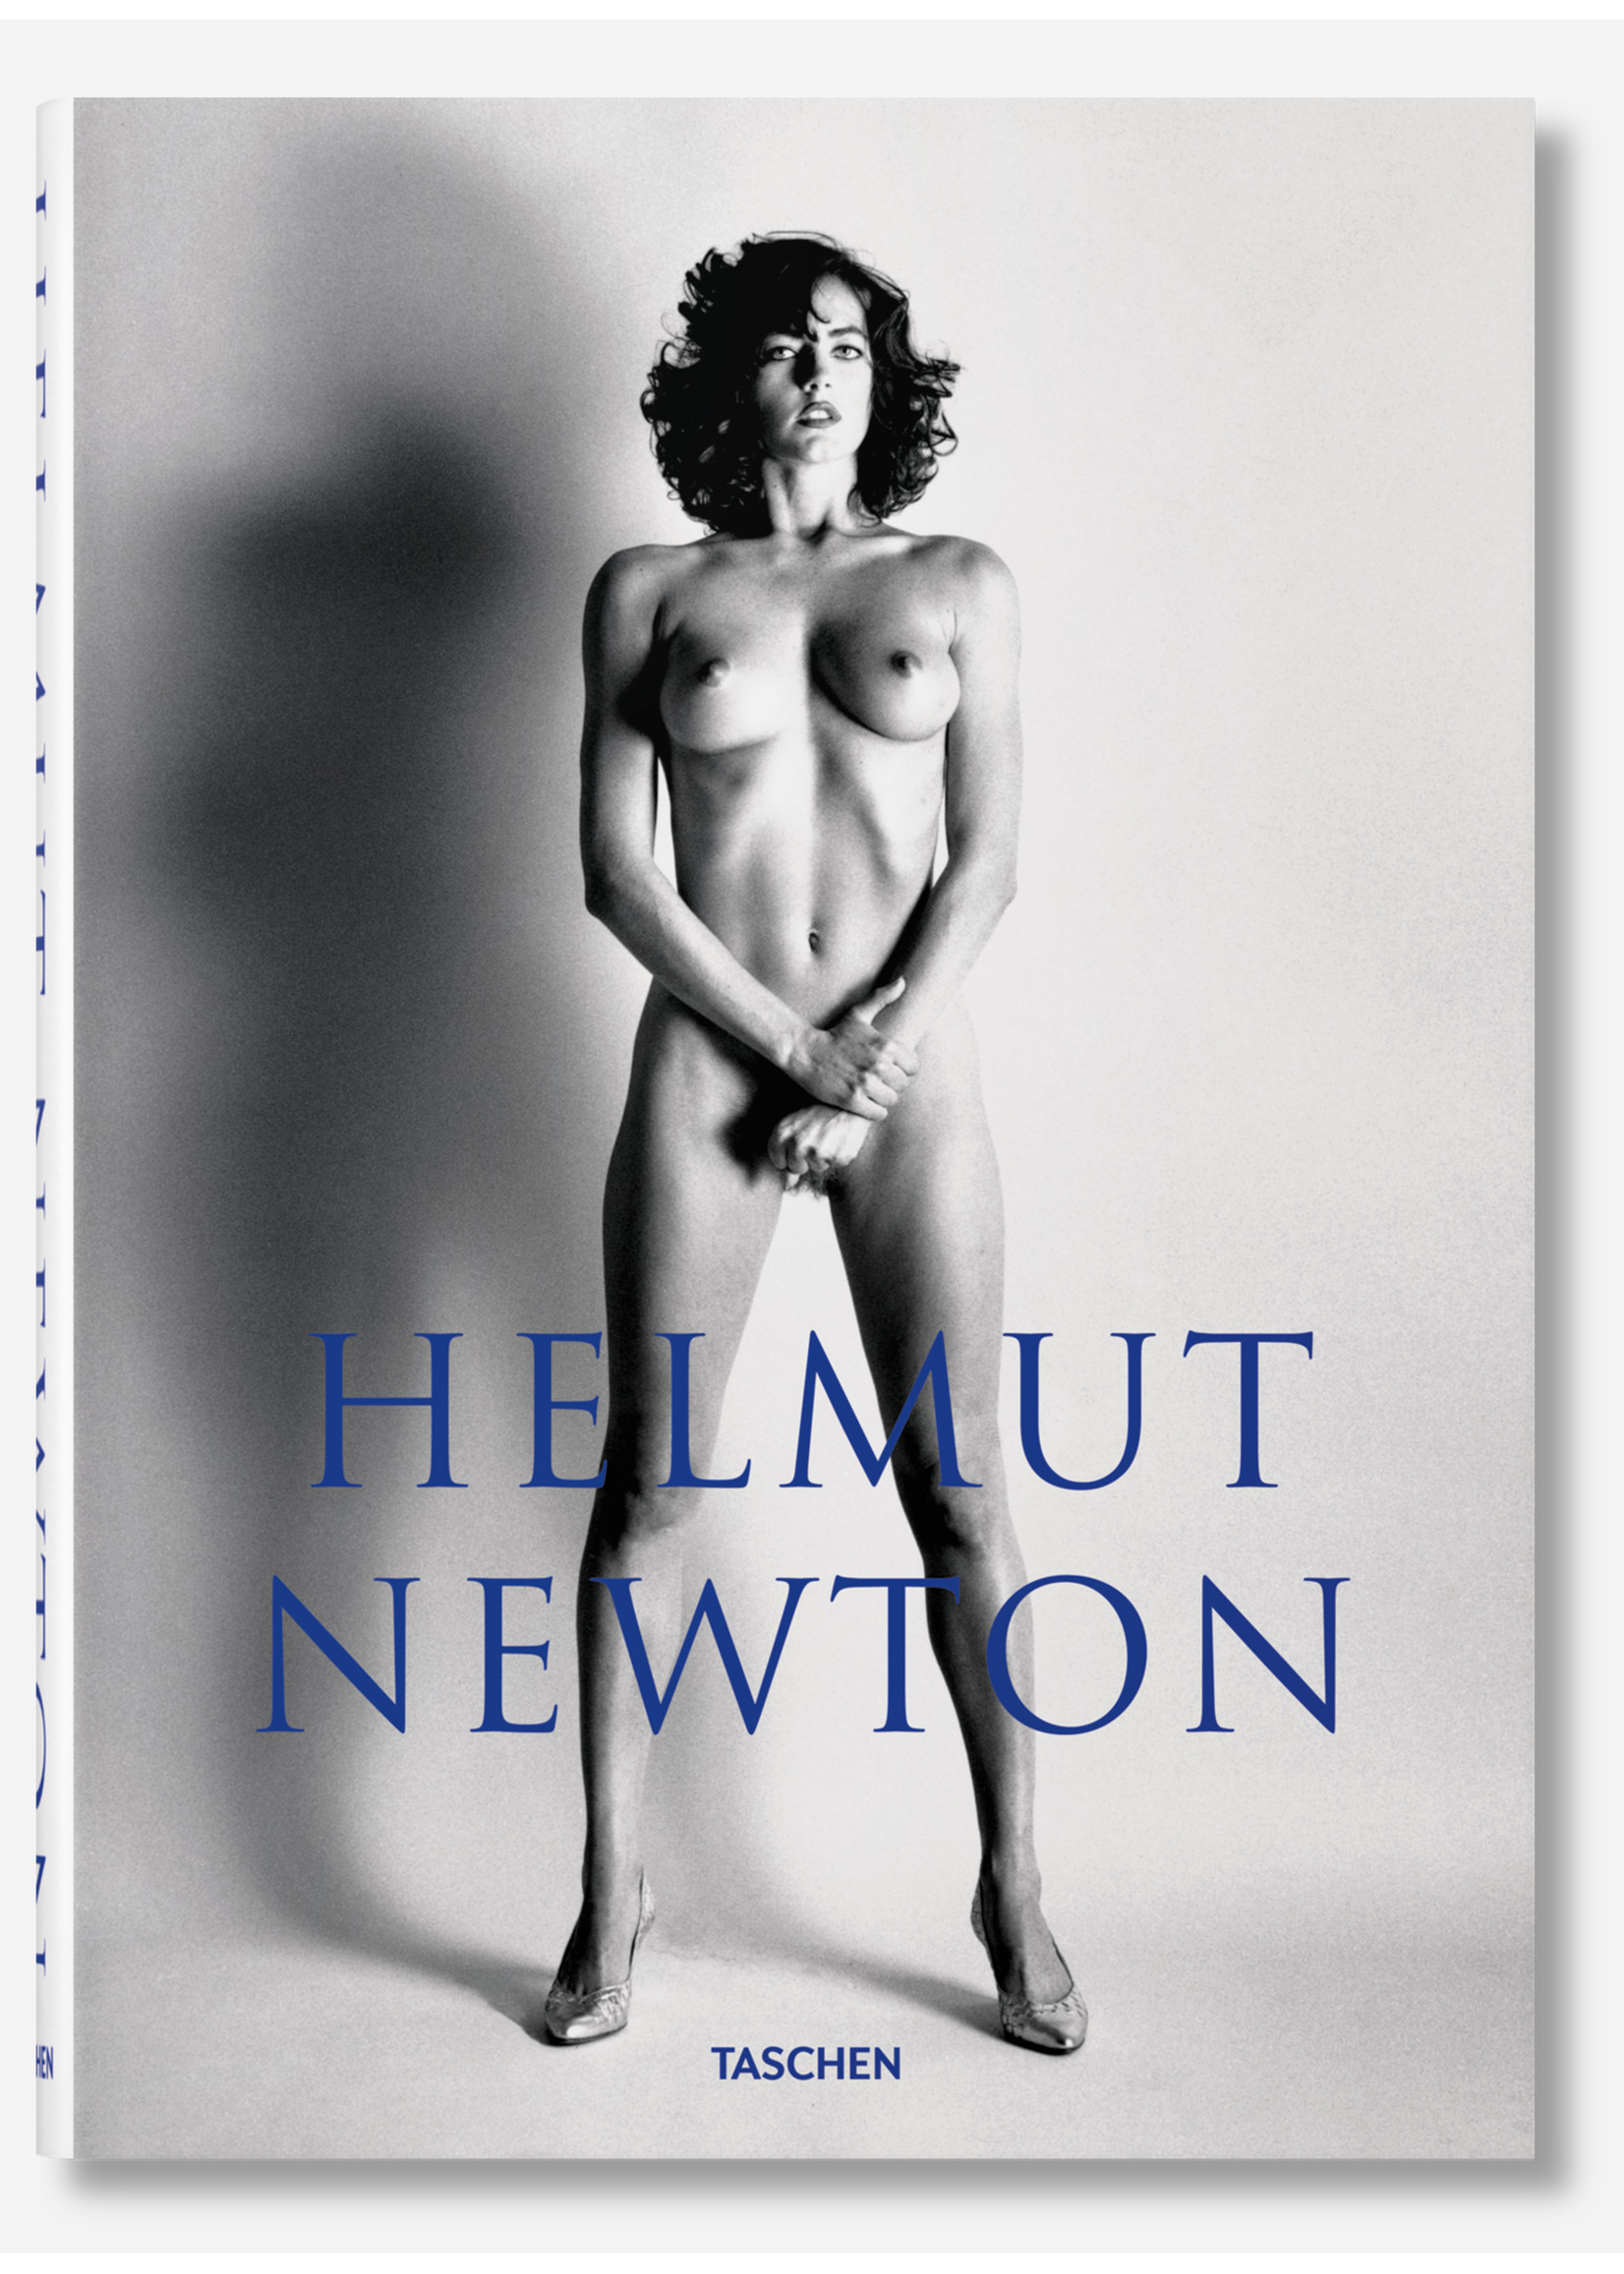 Taschen Books Helmut Newton Baby SUMO